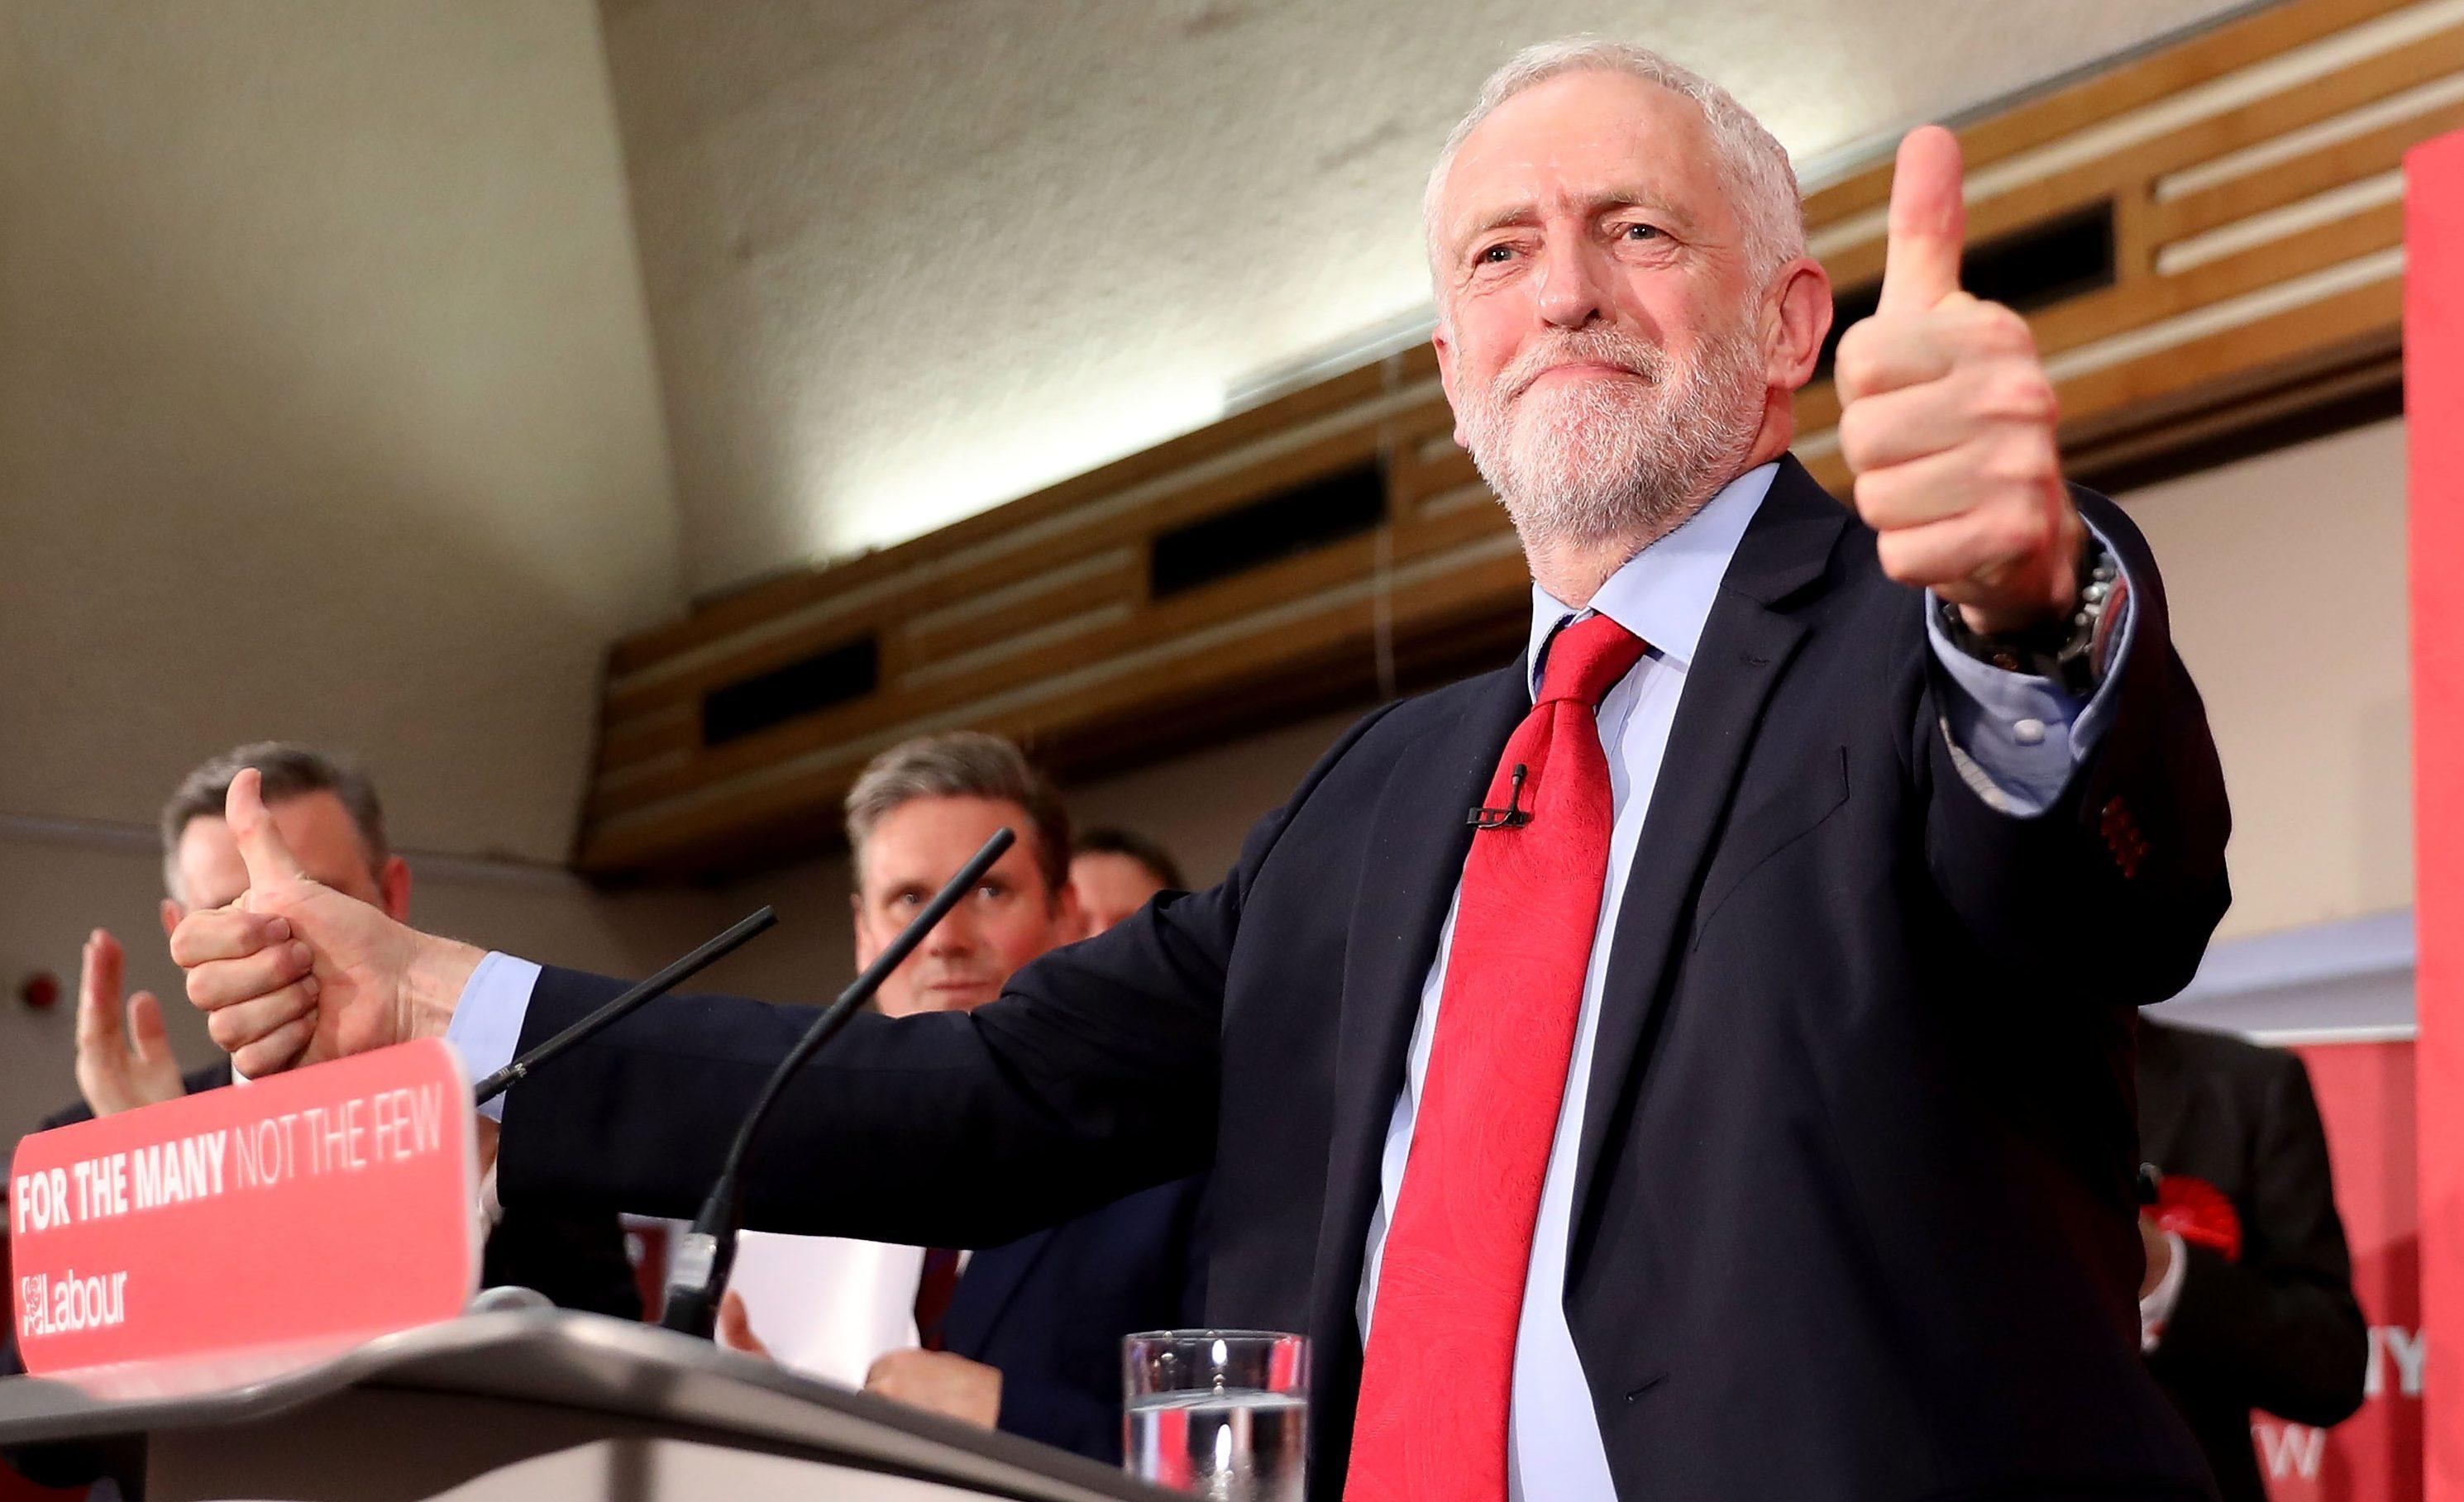 Jeremy Corbyn (Dan Kitwood/Getty Images)